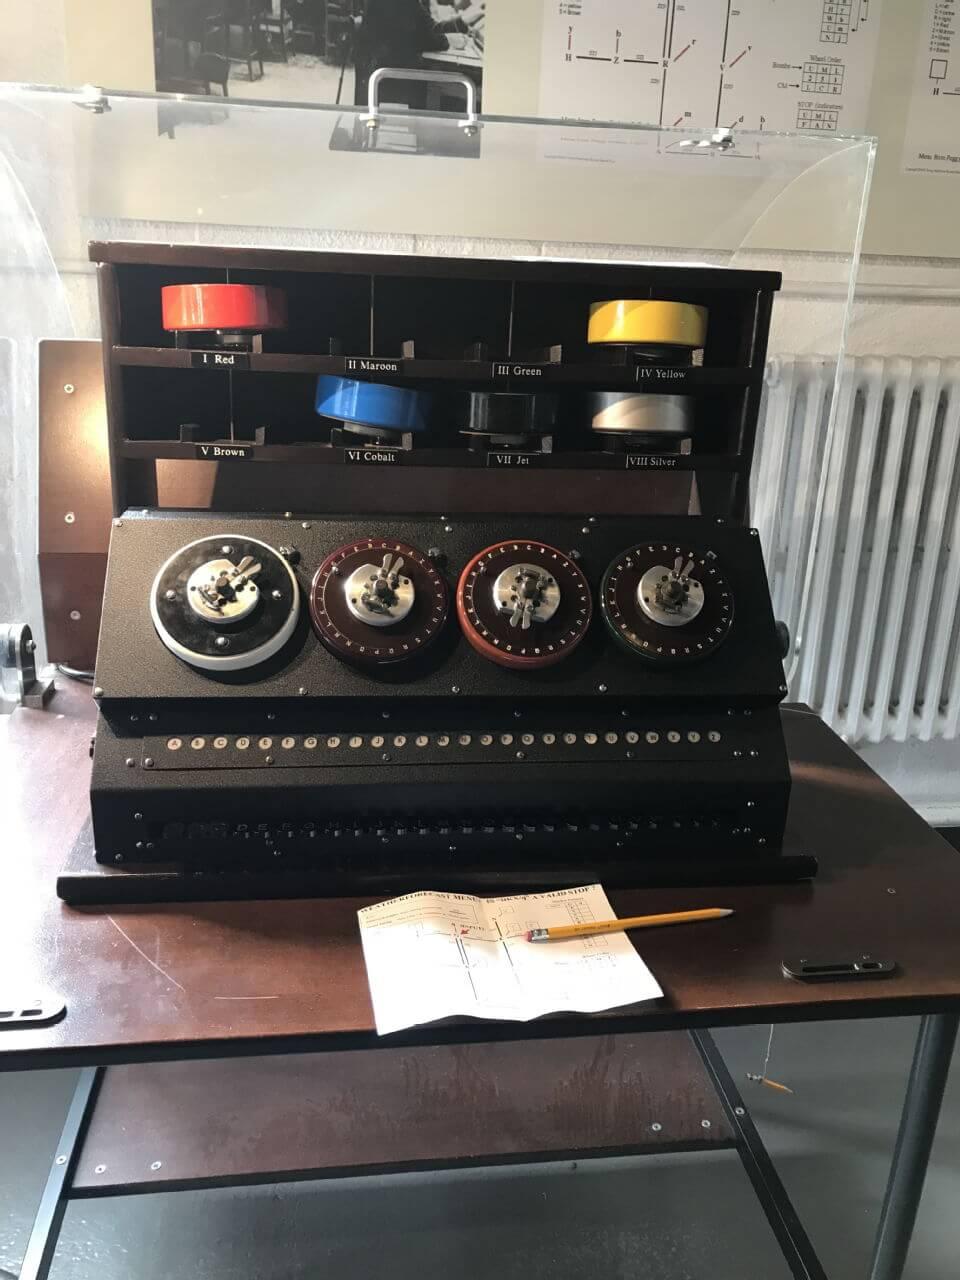 Checking machine